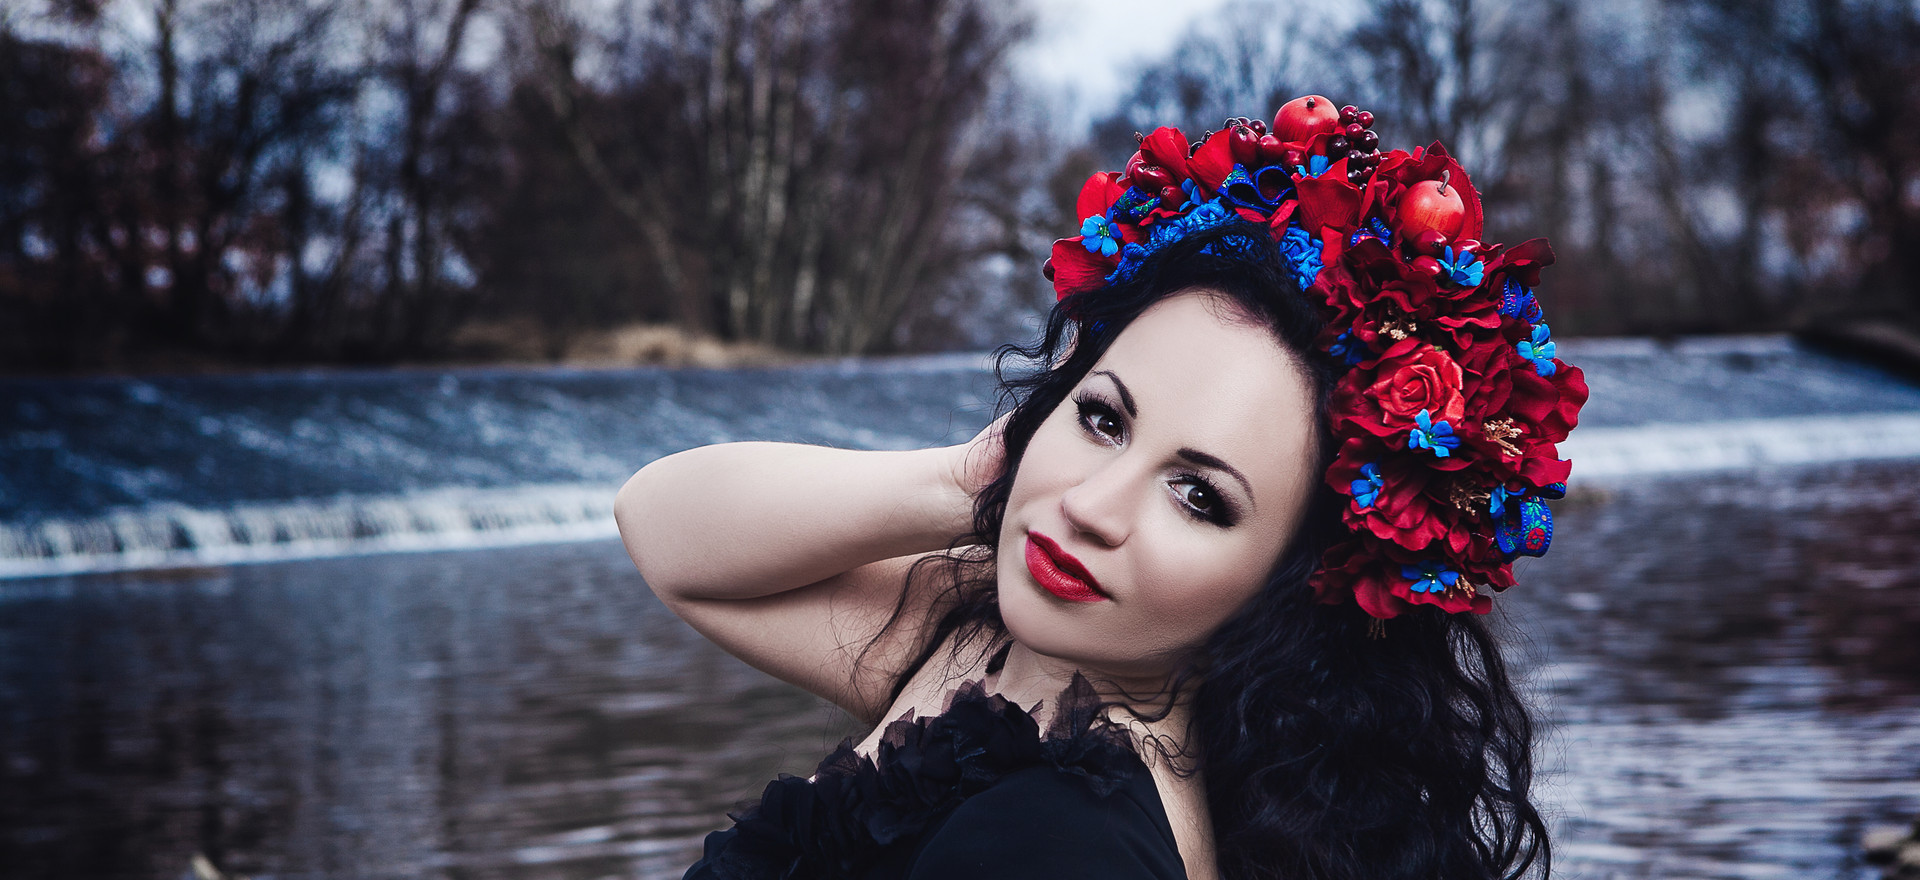 Photo by Karolina Ryvolova